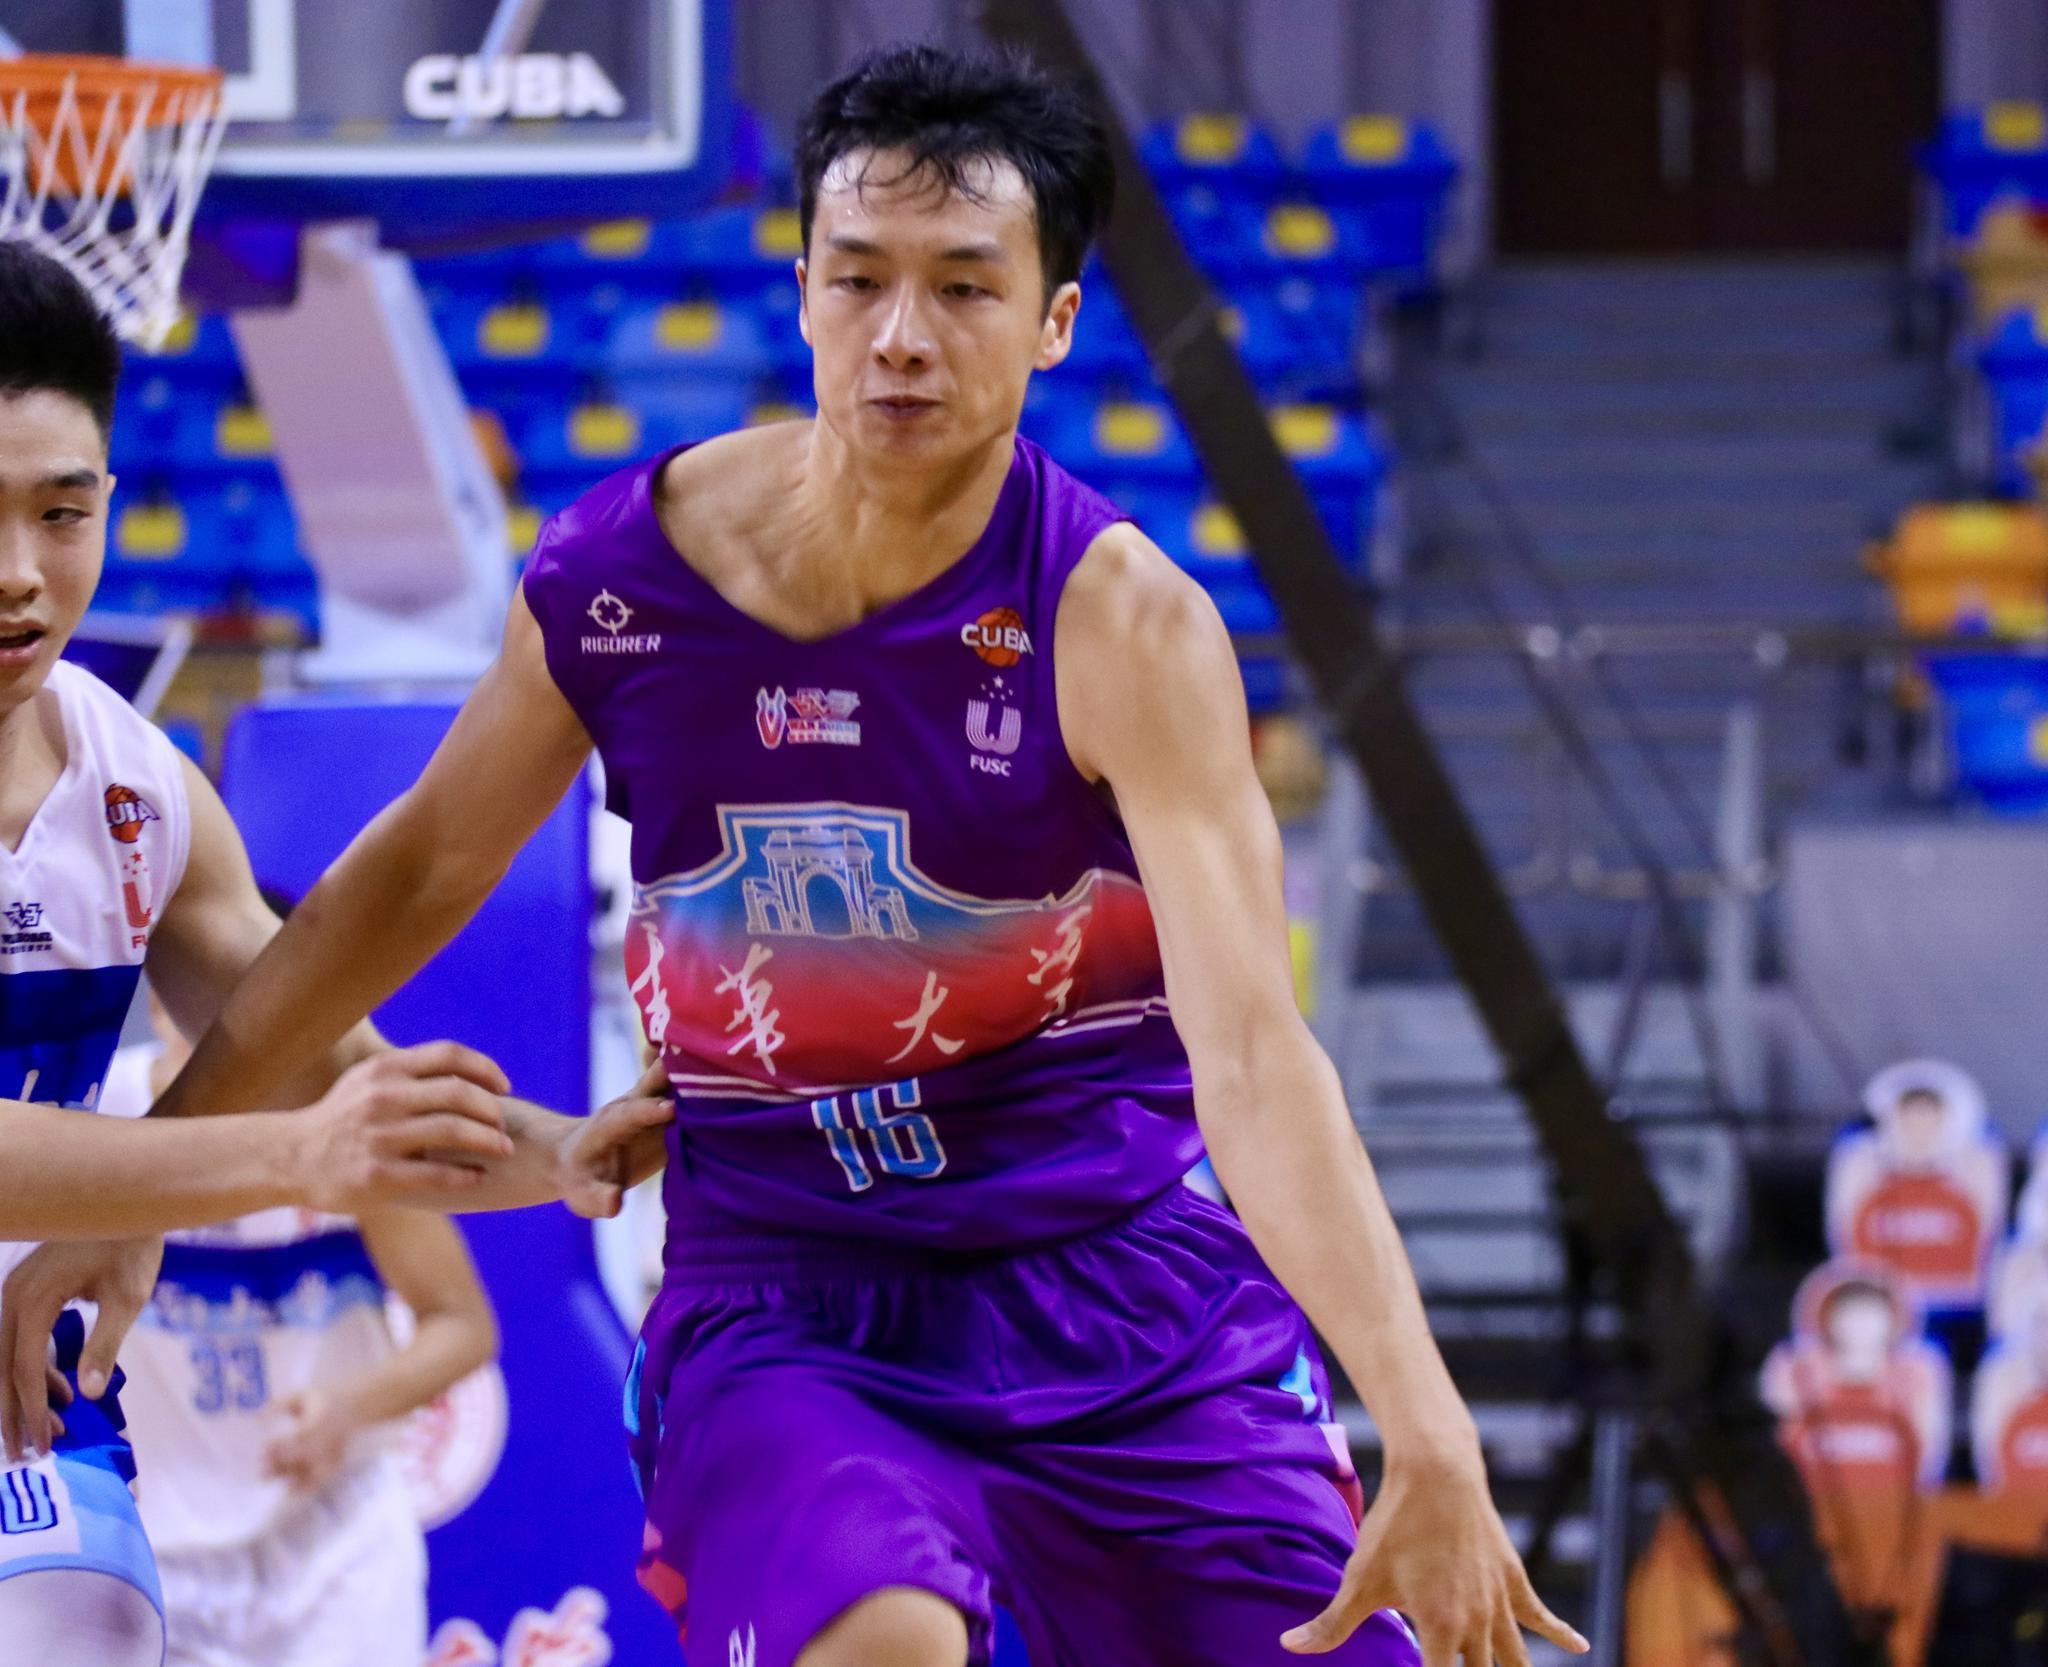 篮球,我不想轻易放下——专访江苏肯帝亚队新秀郑祺龙